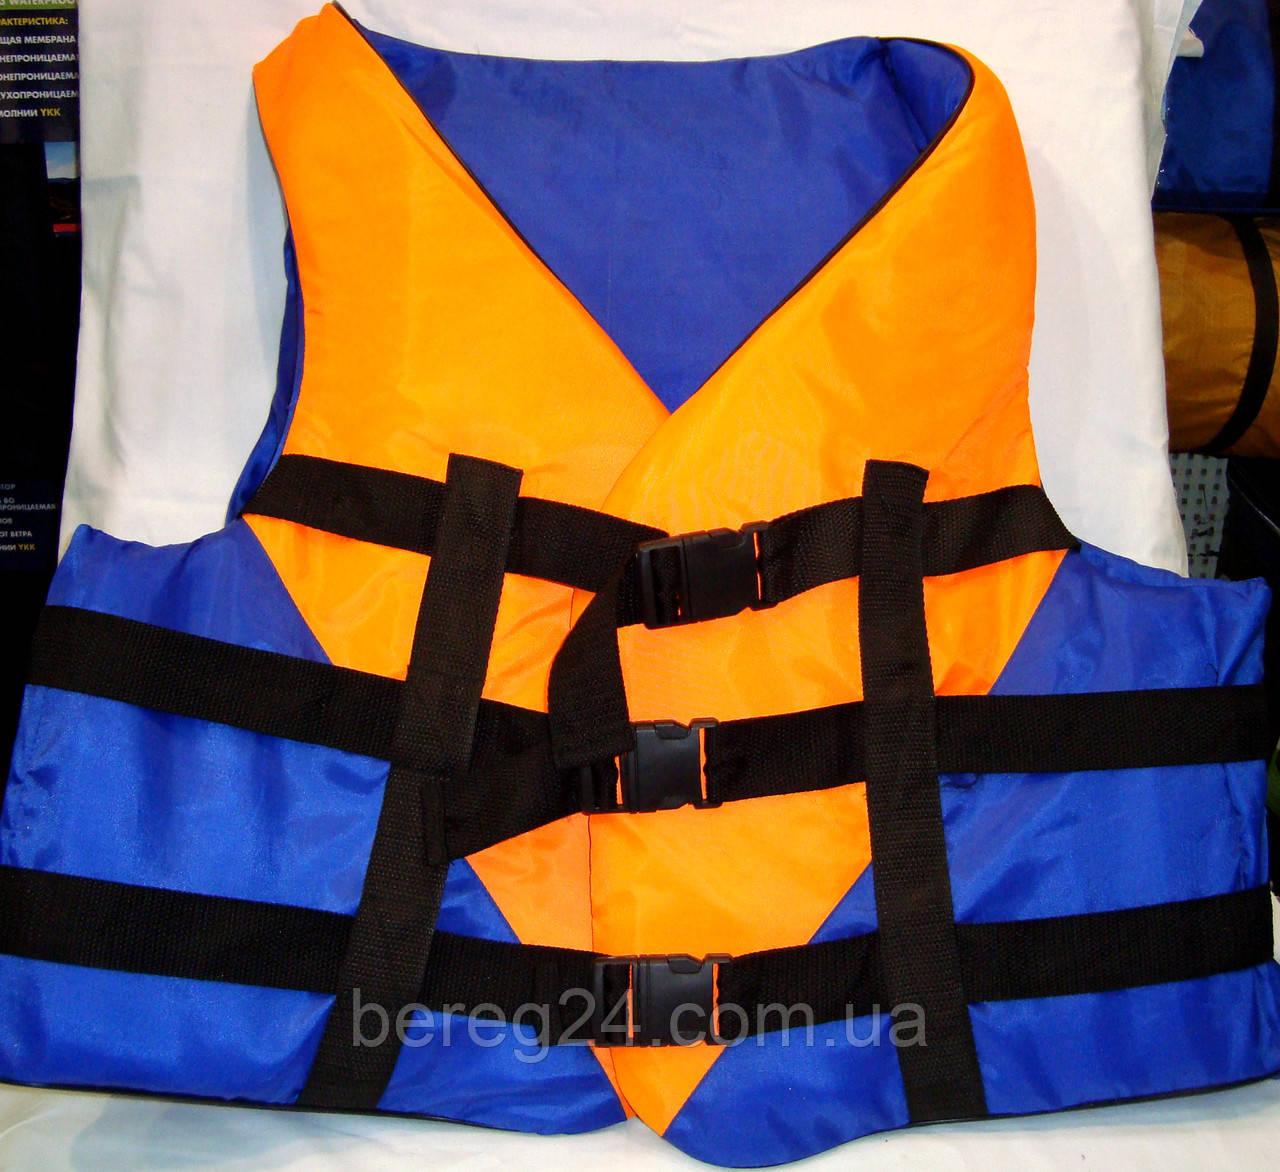 Спасательный жилет водный 10-30 кг 2-х цветный